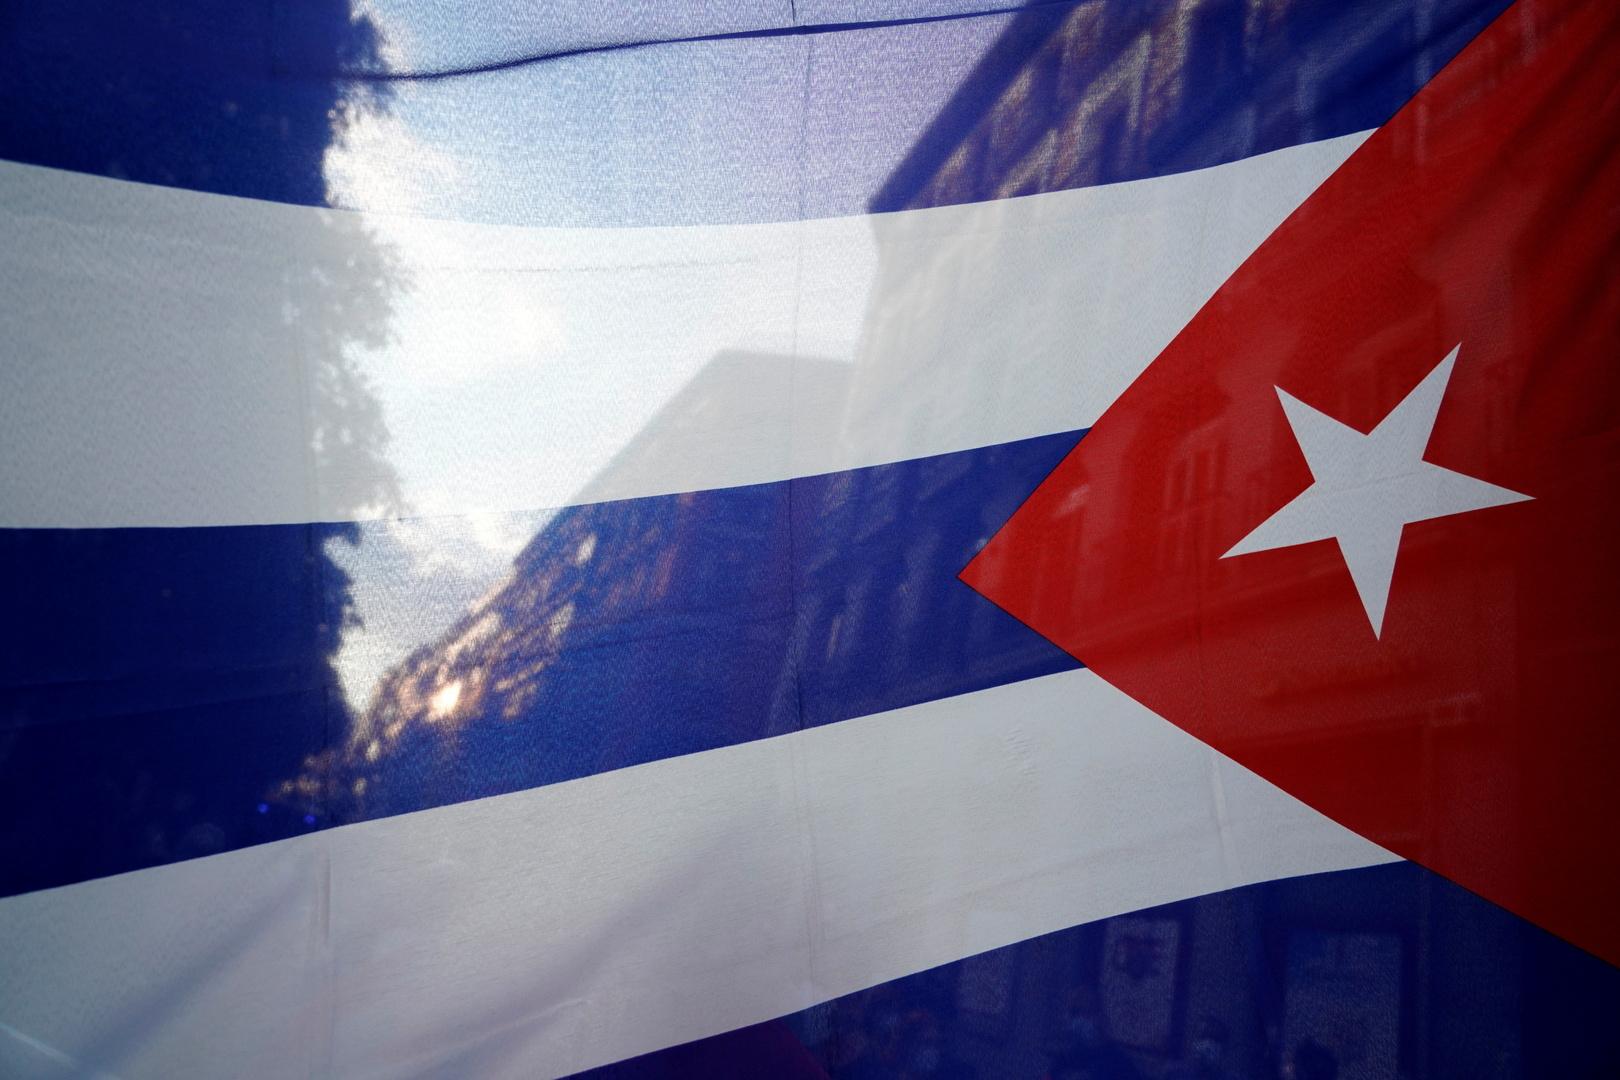 كوبا تعتبر خطة أمريكا لتزويد الجزيرة بالإنترنت